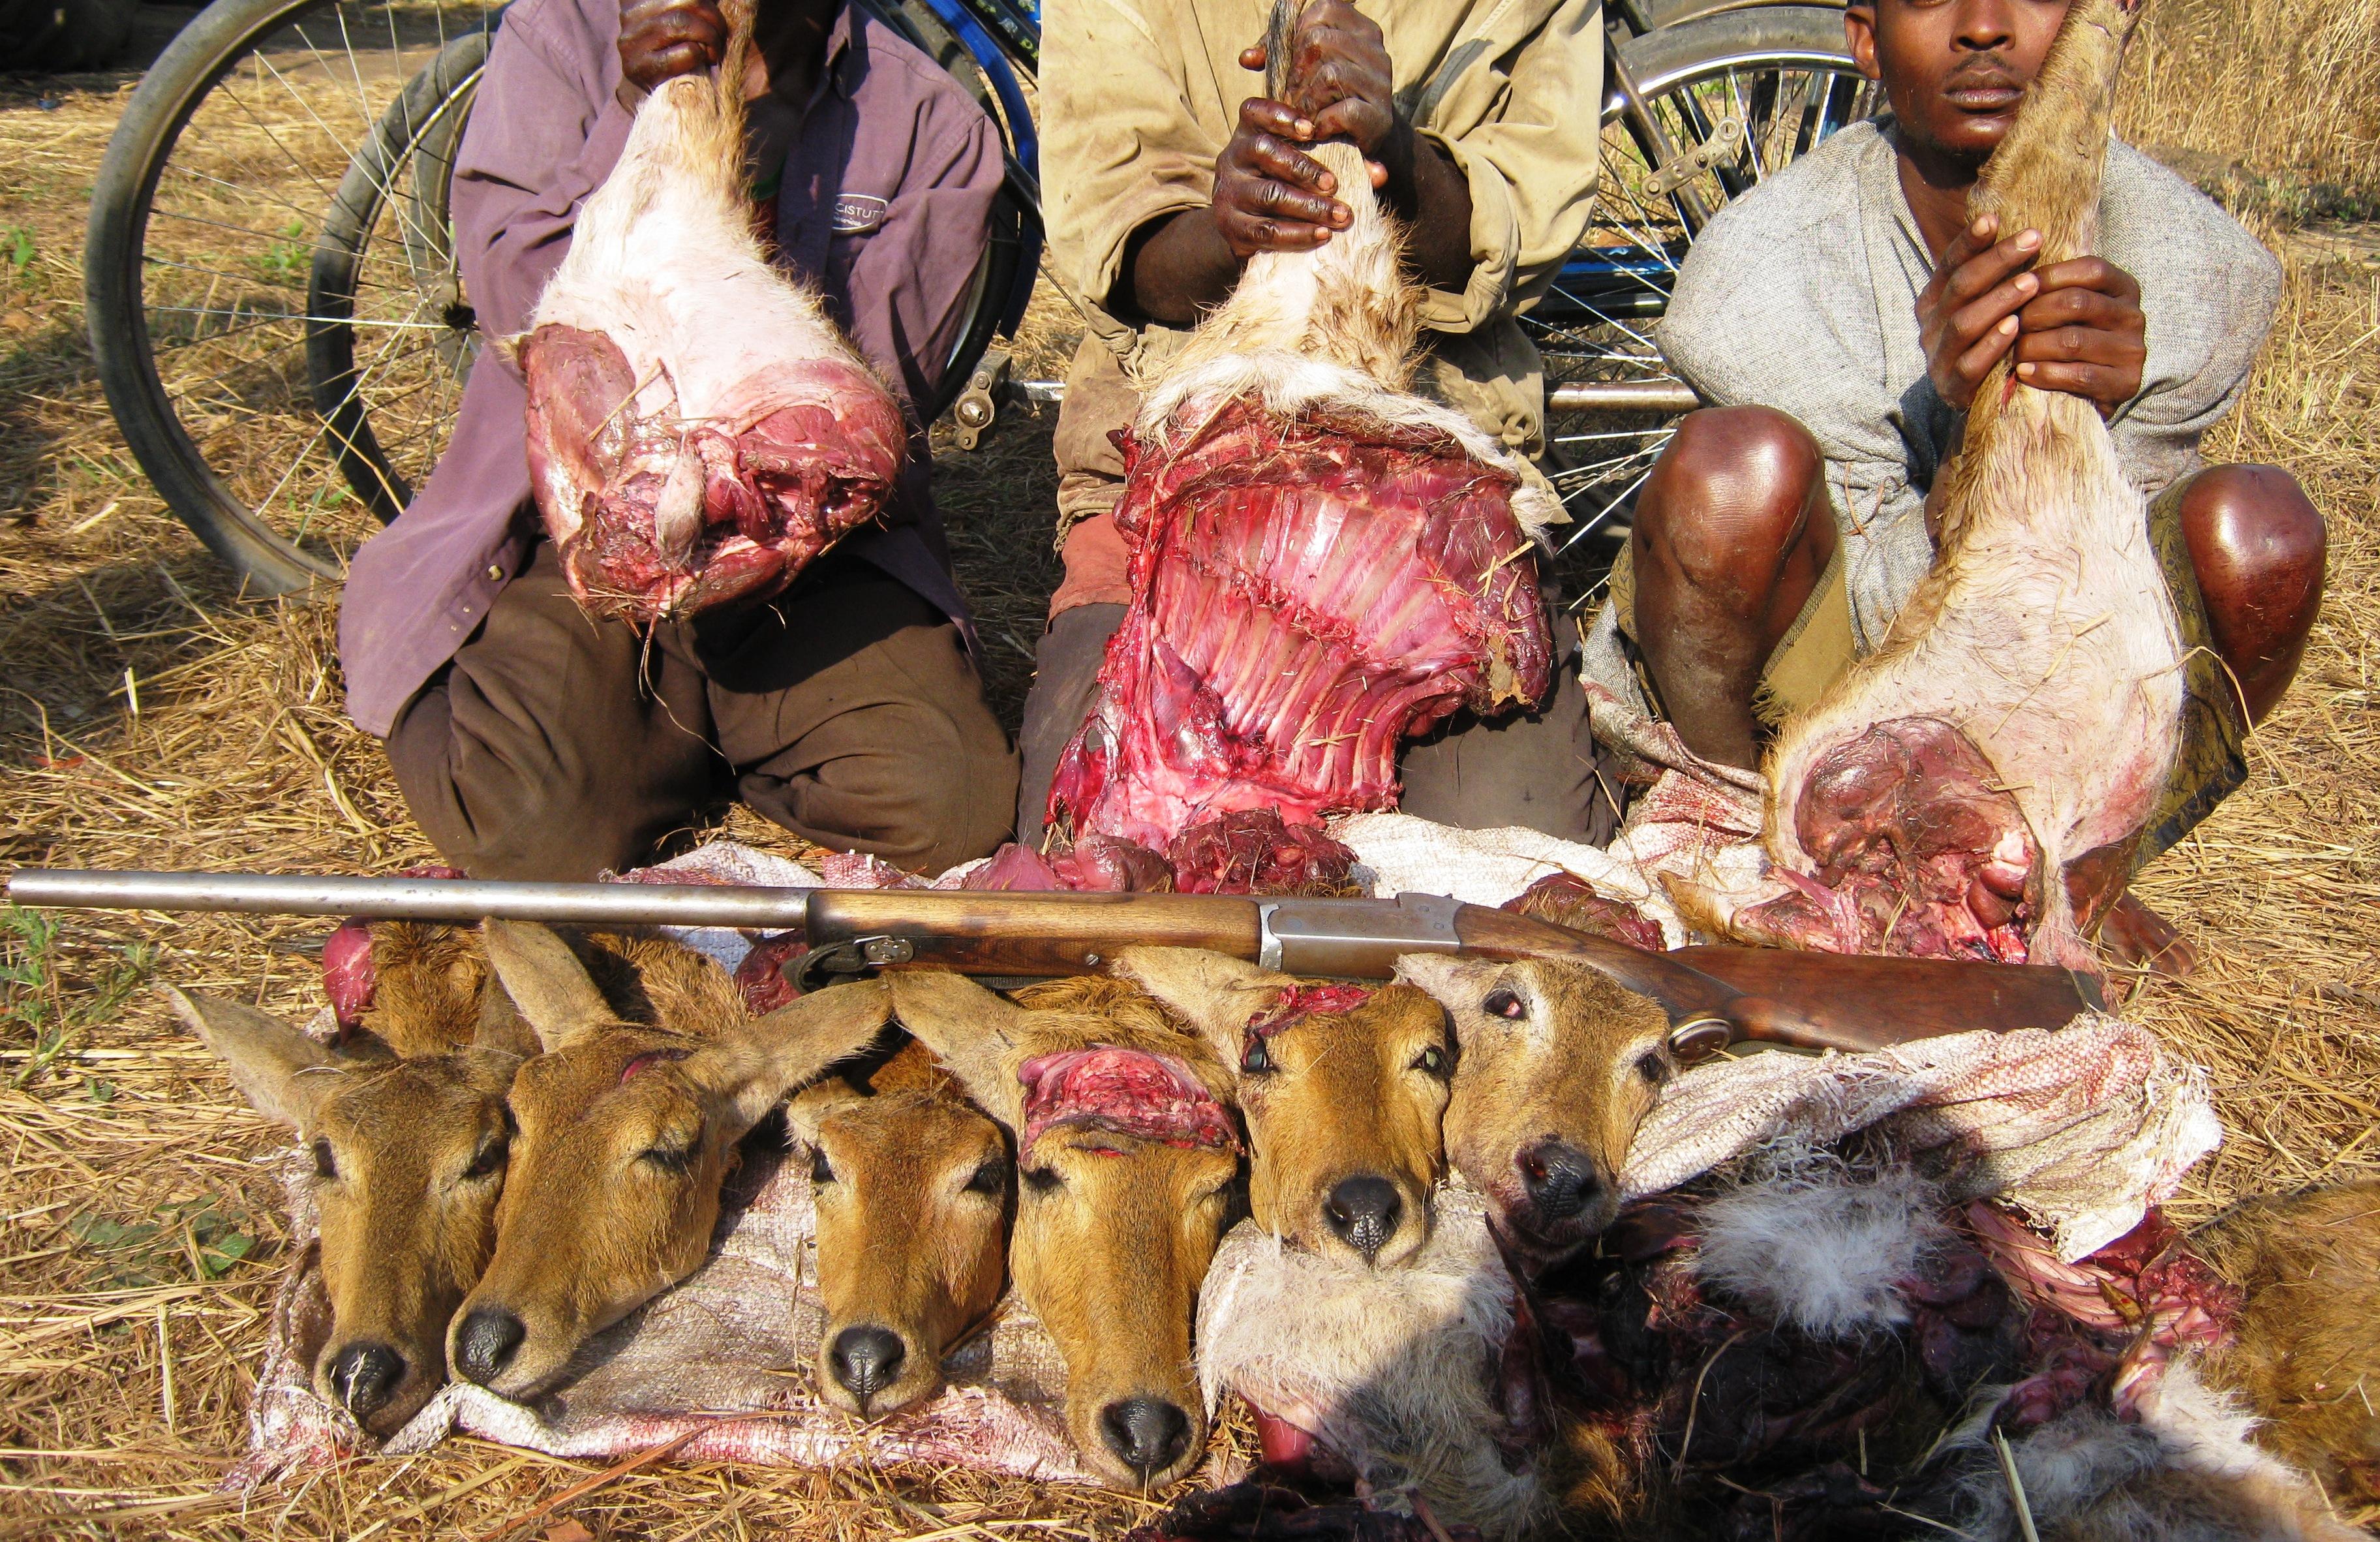 april 2014 speak up for the voiceless international animal